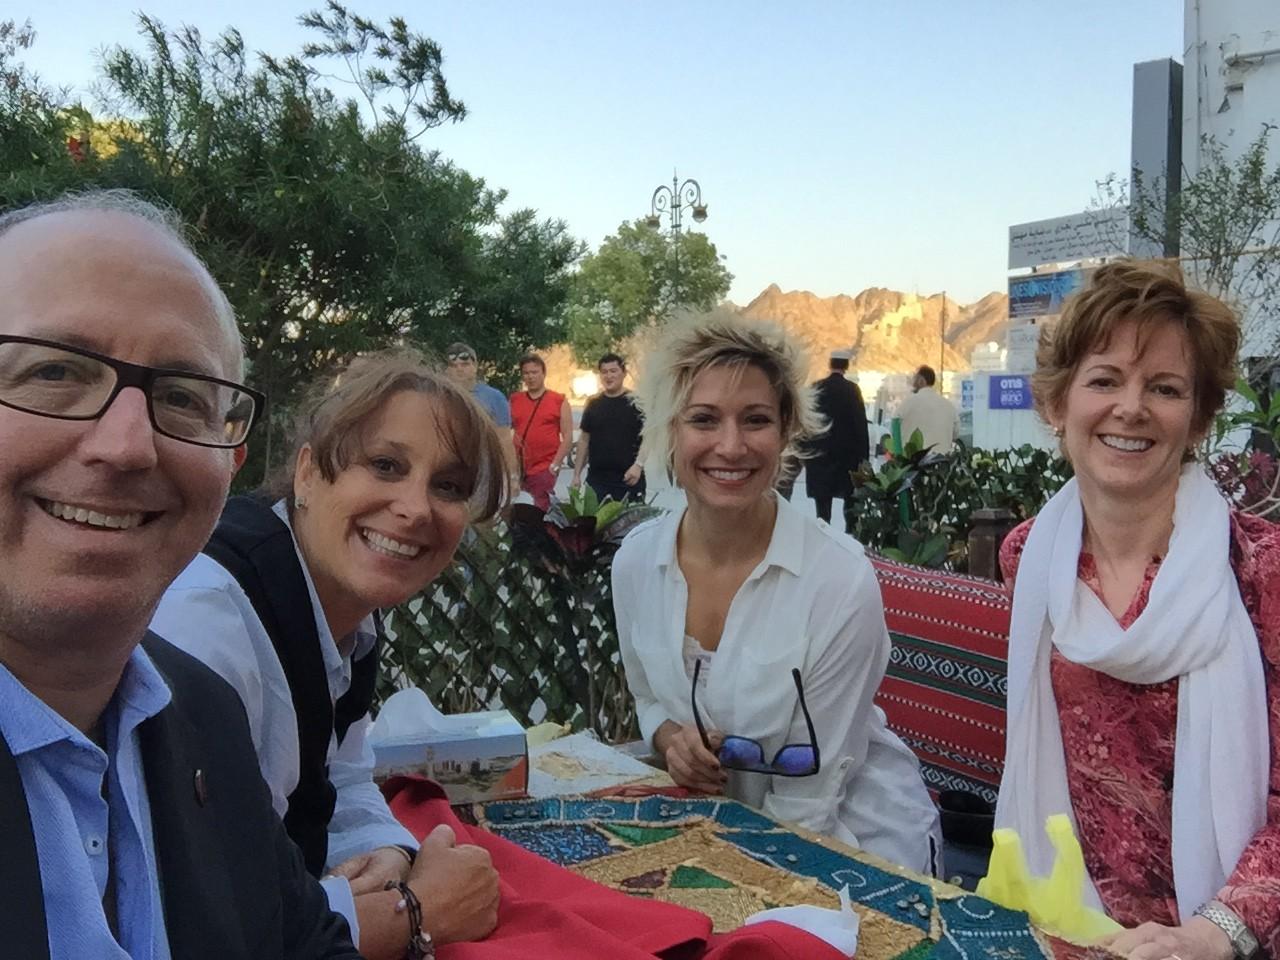 Dinner in Oman ~ Mark, Denise, Melissa & Leslie